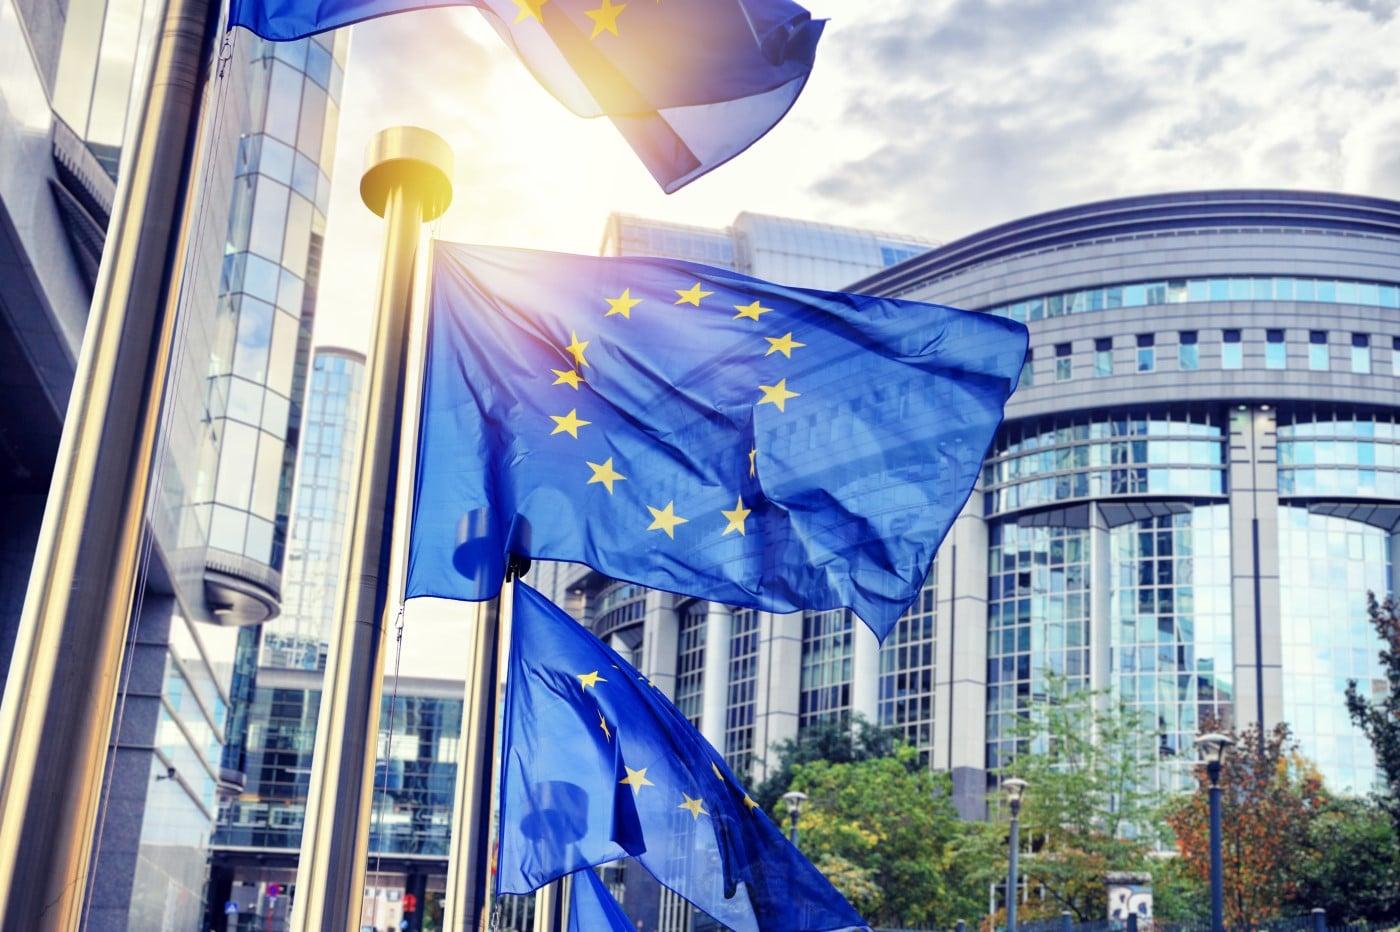 discusión-criptomonedas-criptoactivos-europa